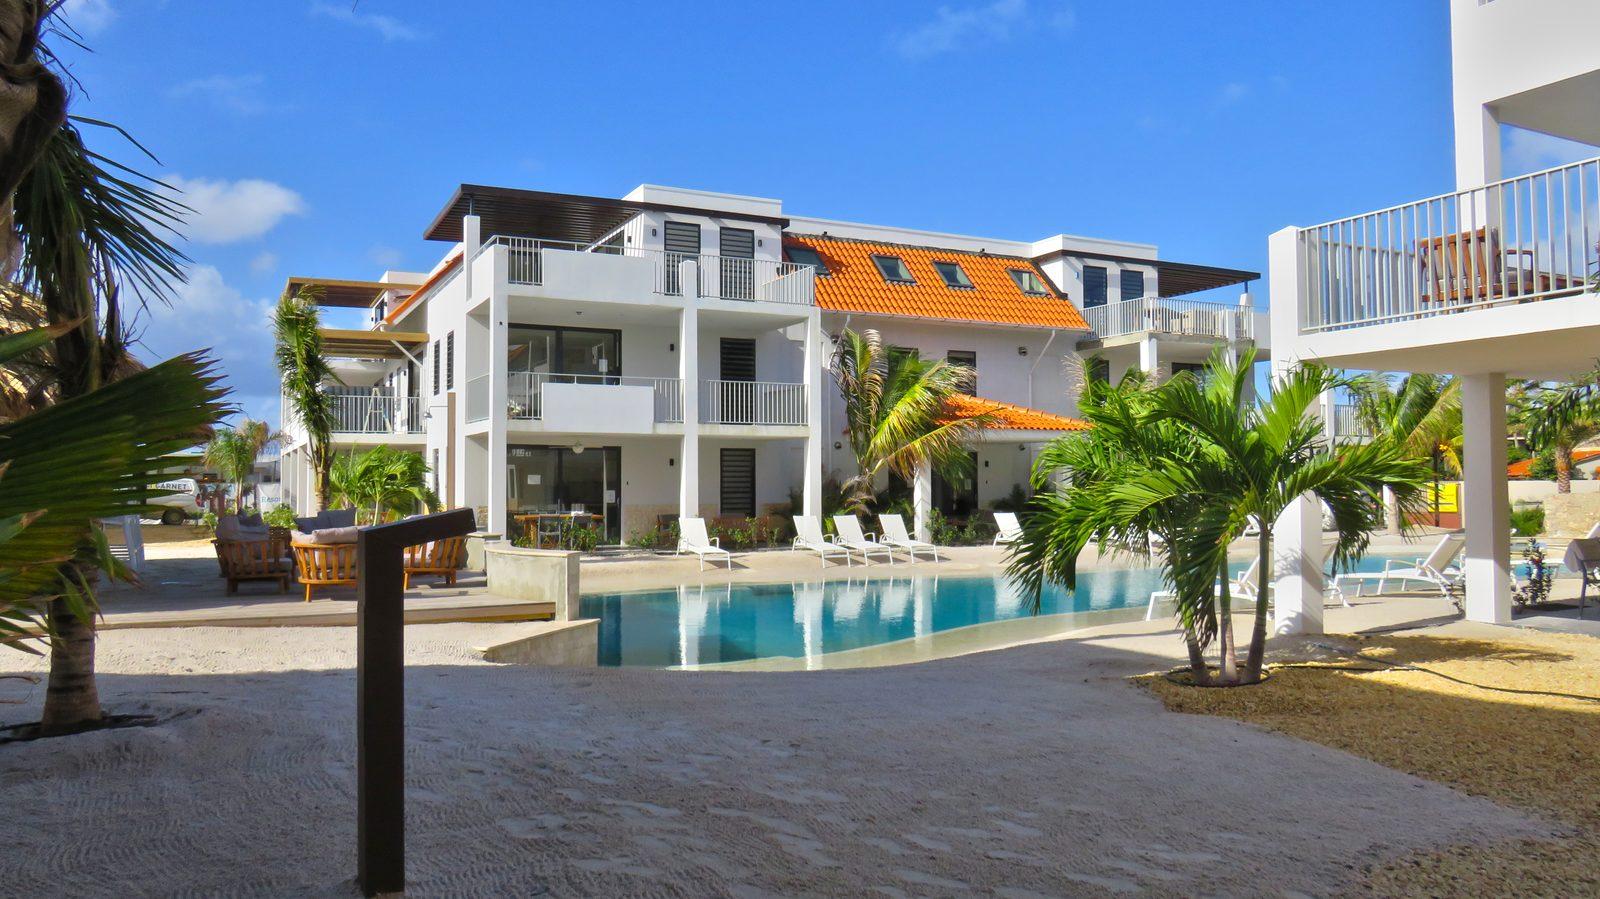 Ein Swimmingpool auf Bonaire? Den gibt es im Resort Bonaire. Wir haben einen Sandstrand, wo Kinder und Erwachsene sich vergnügen können.